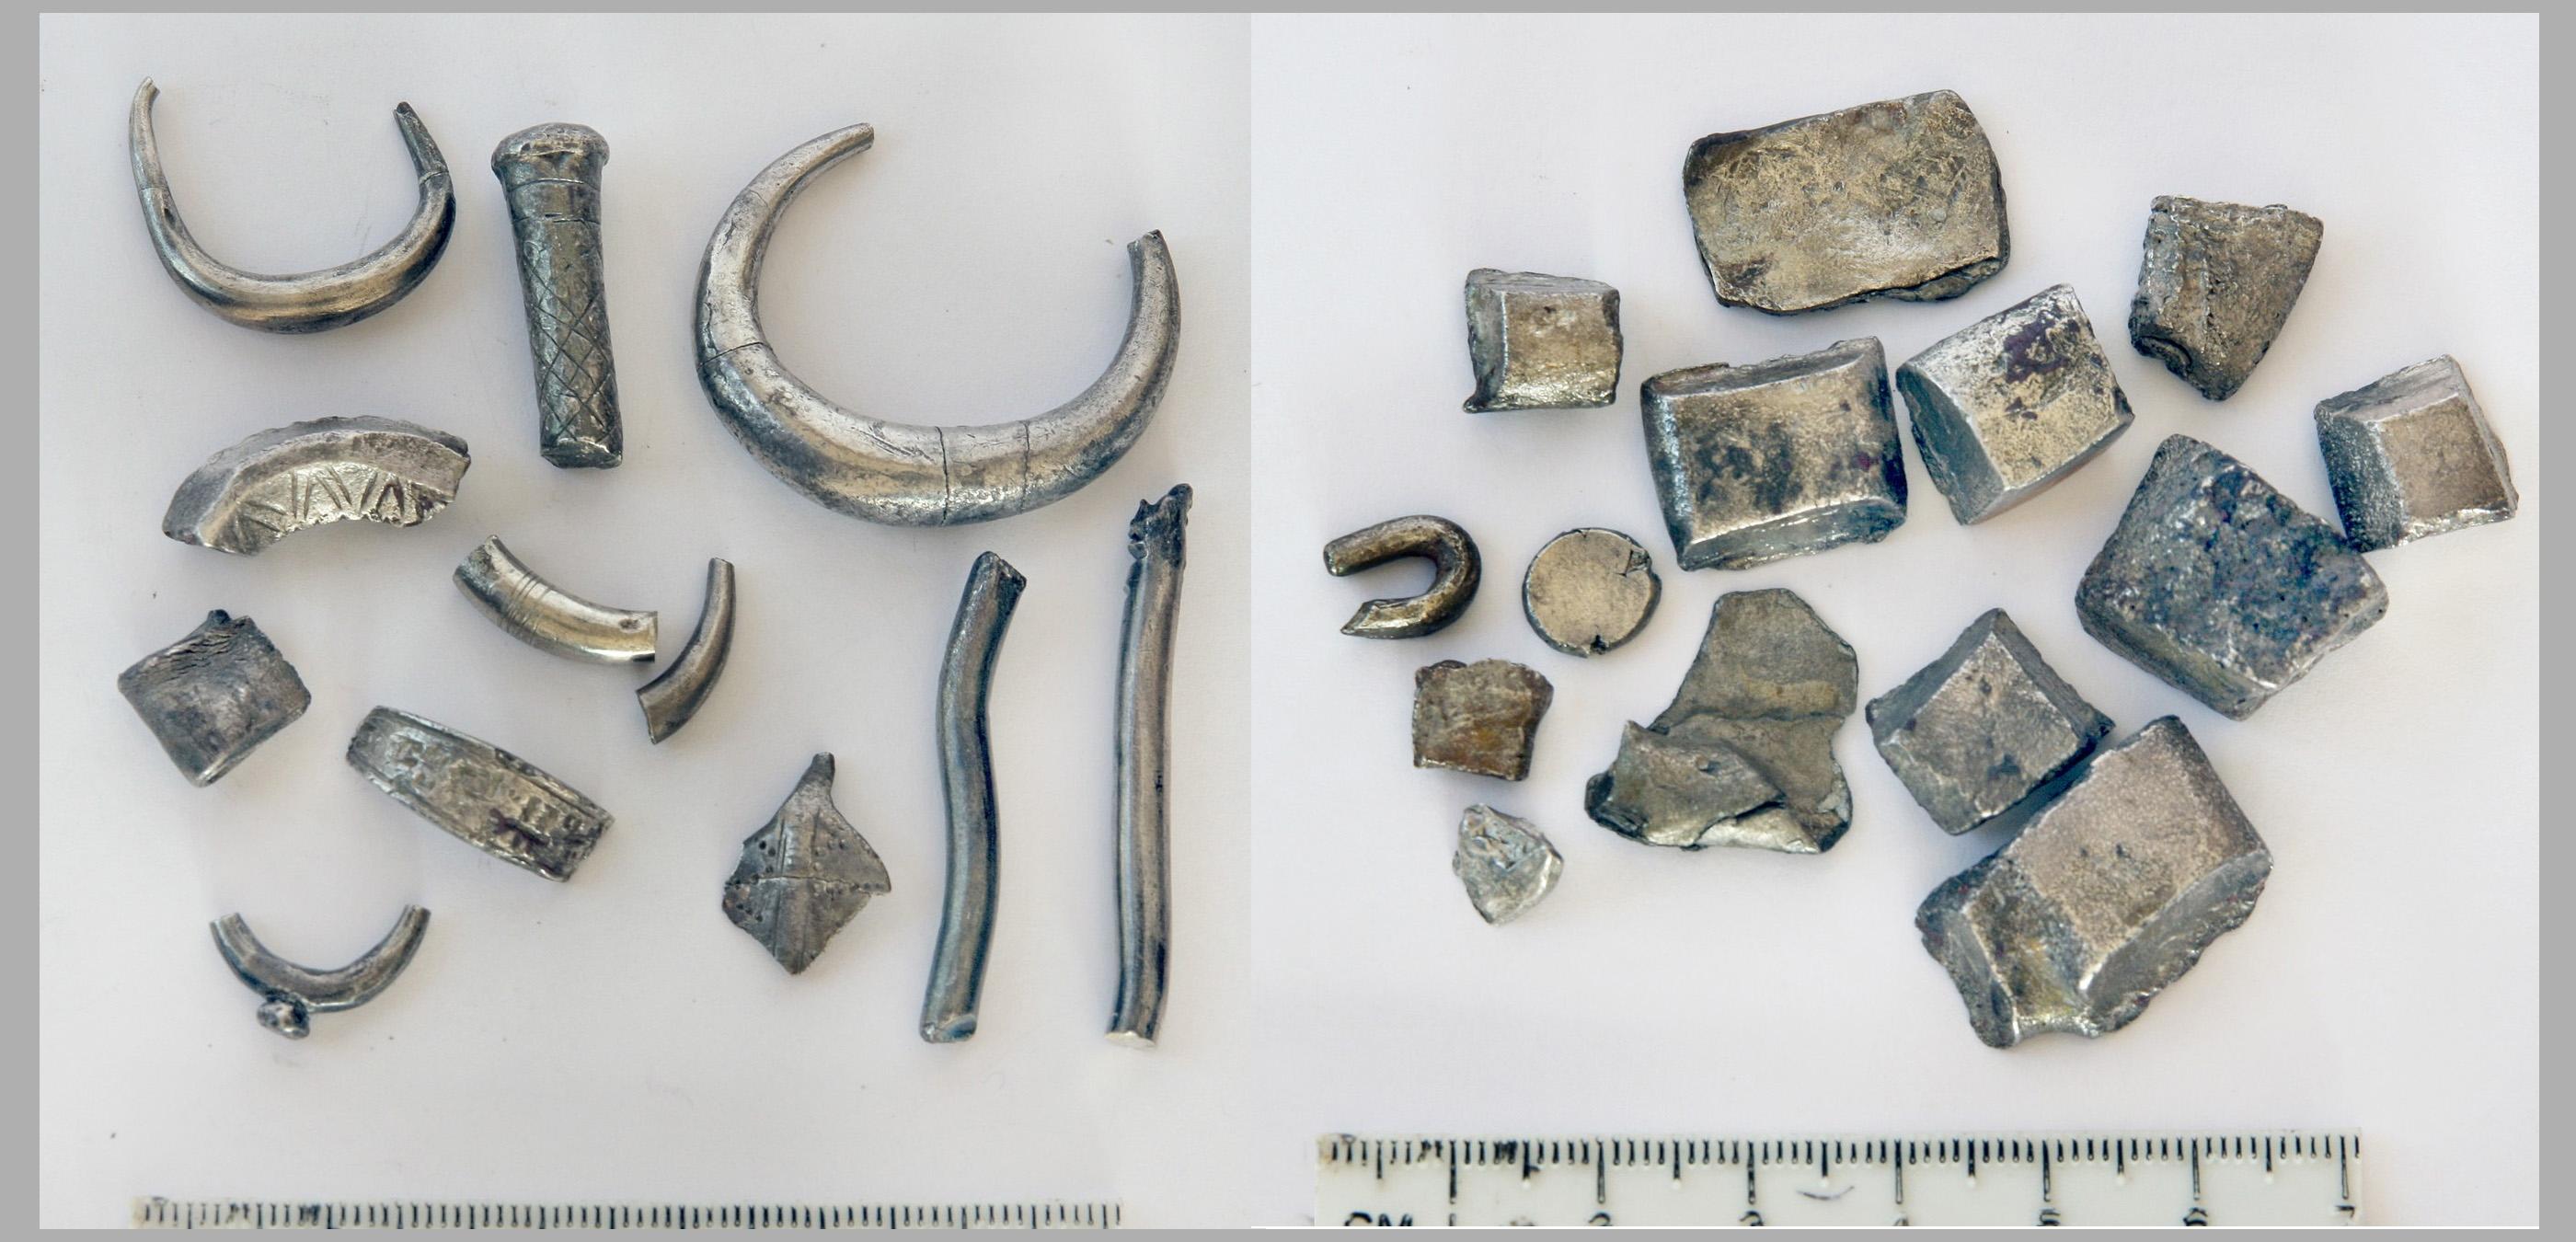 L'un des trésors d'argent cananéens trouvés à Beth Shean dans le nord d'Israël était daté du 12ème siècle avant JC.  Il contient des lingots avec une surface d'argent autour d'un noyau riche en cuivre.